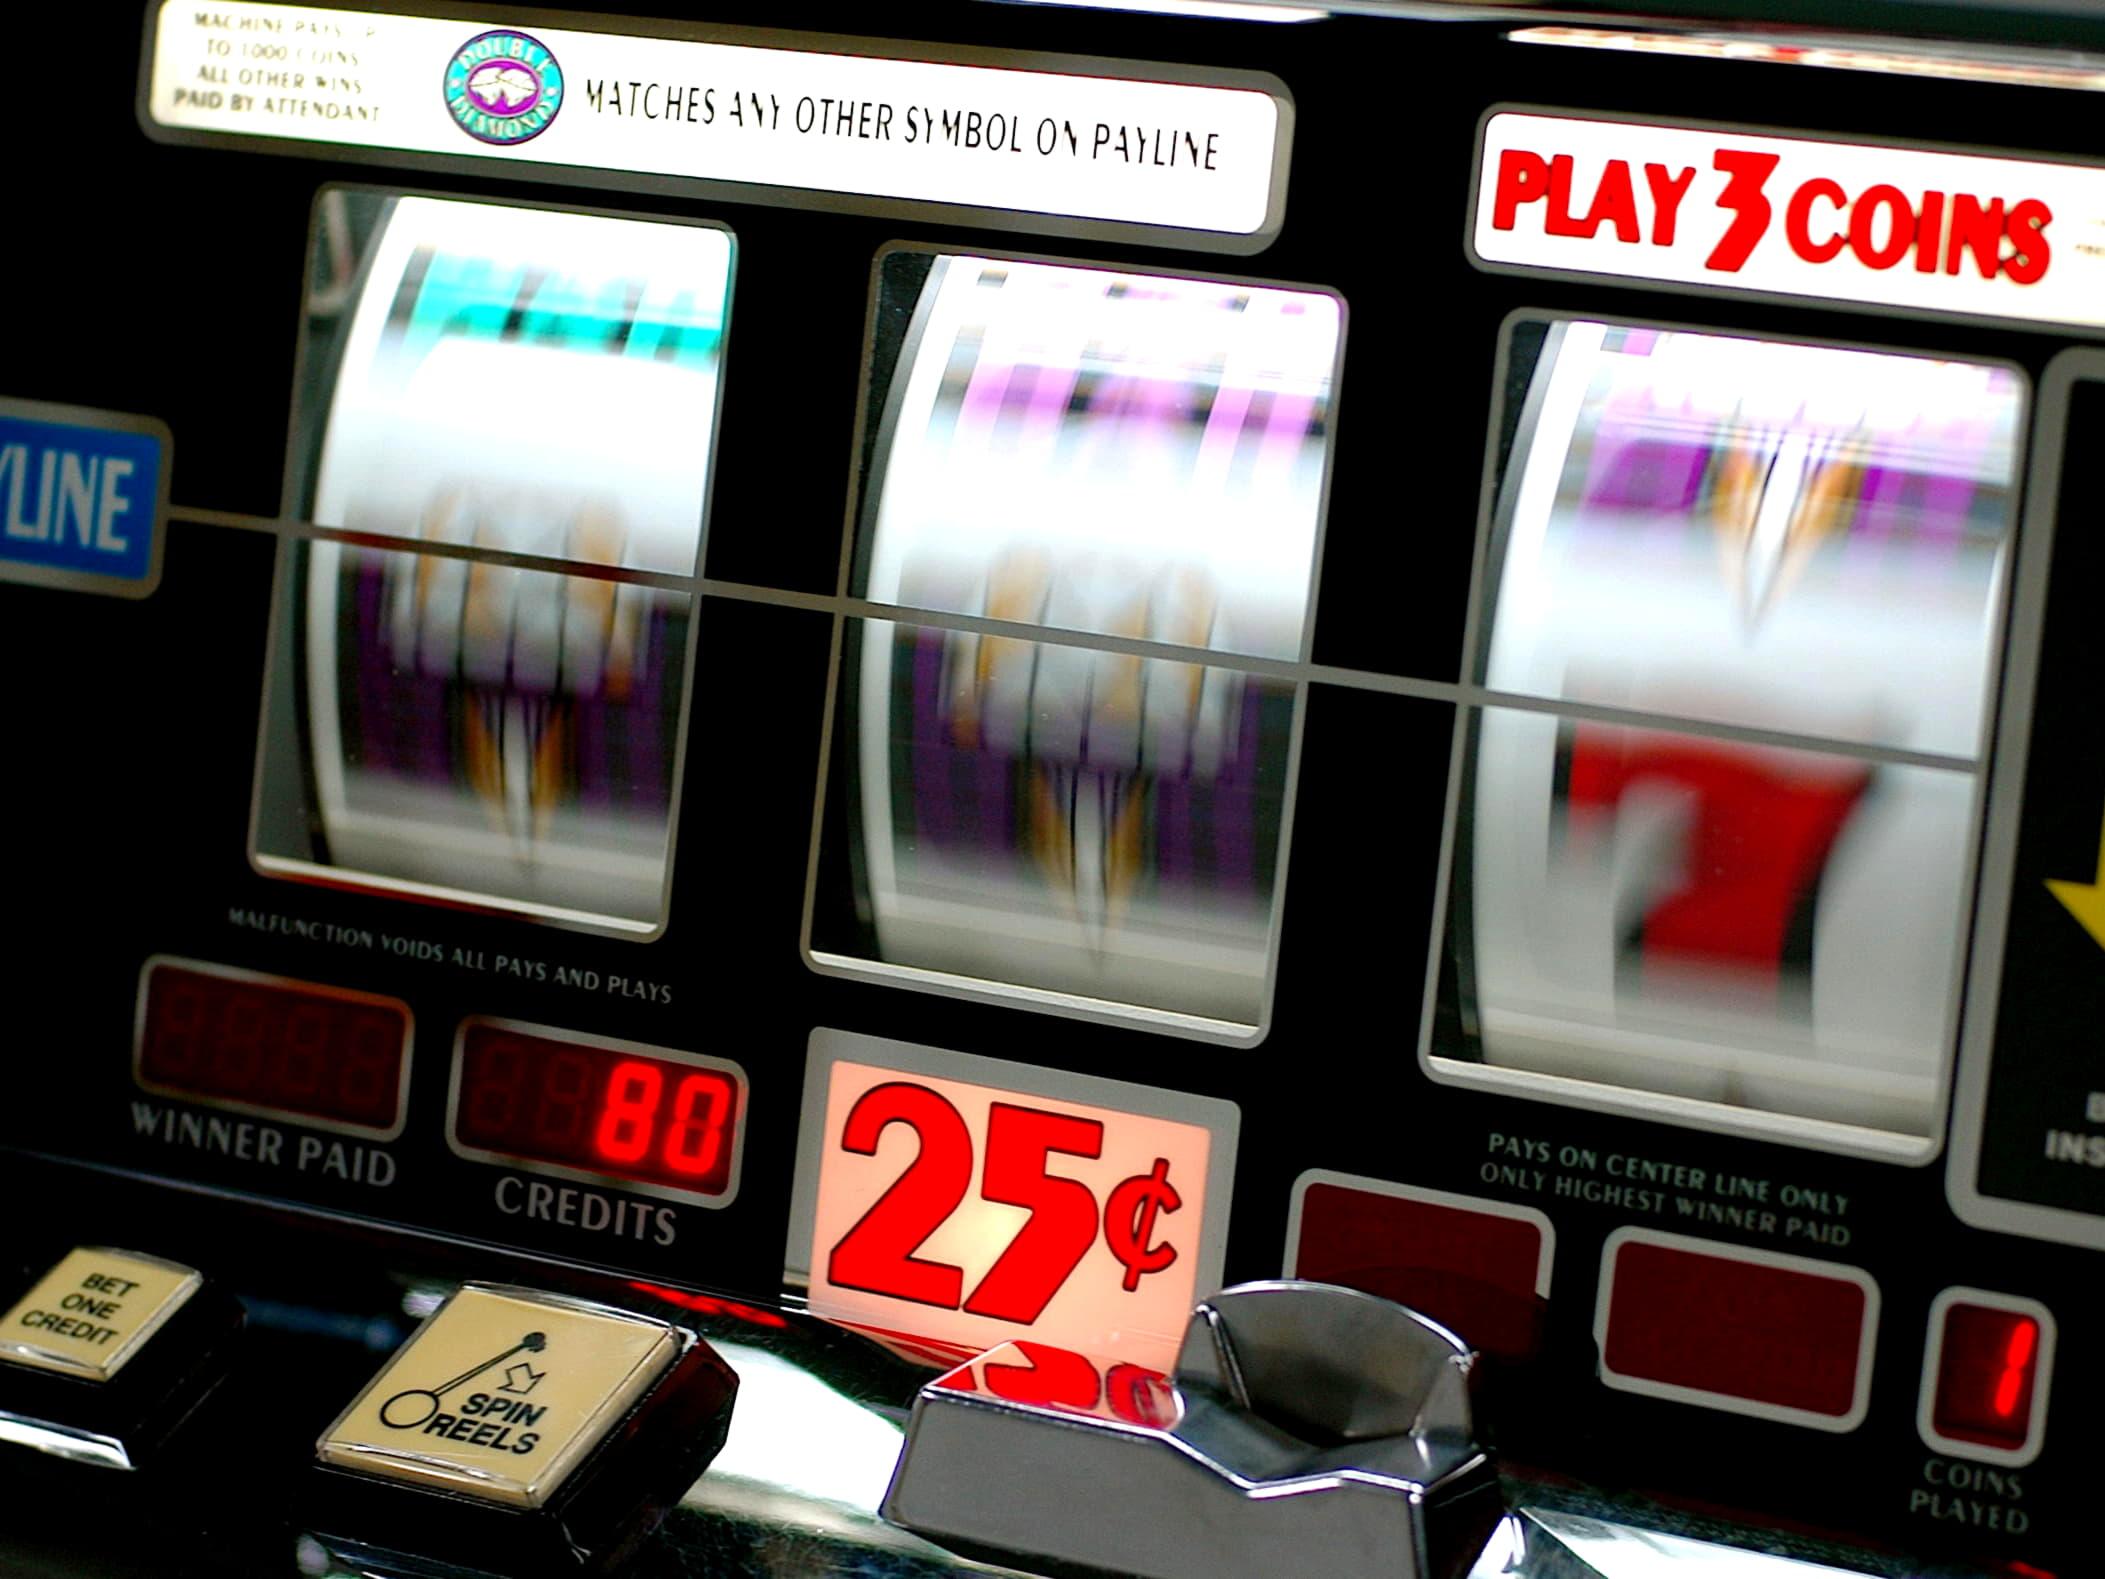 725% casino match bonus at Unique Casino